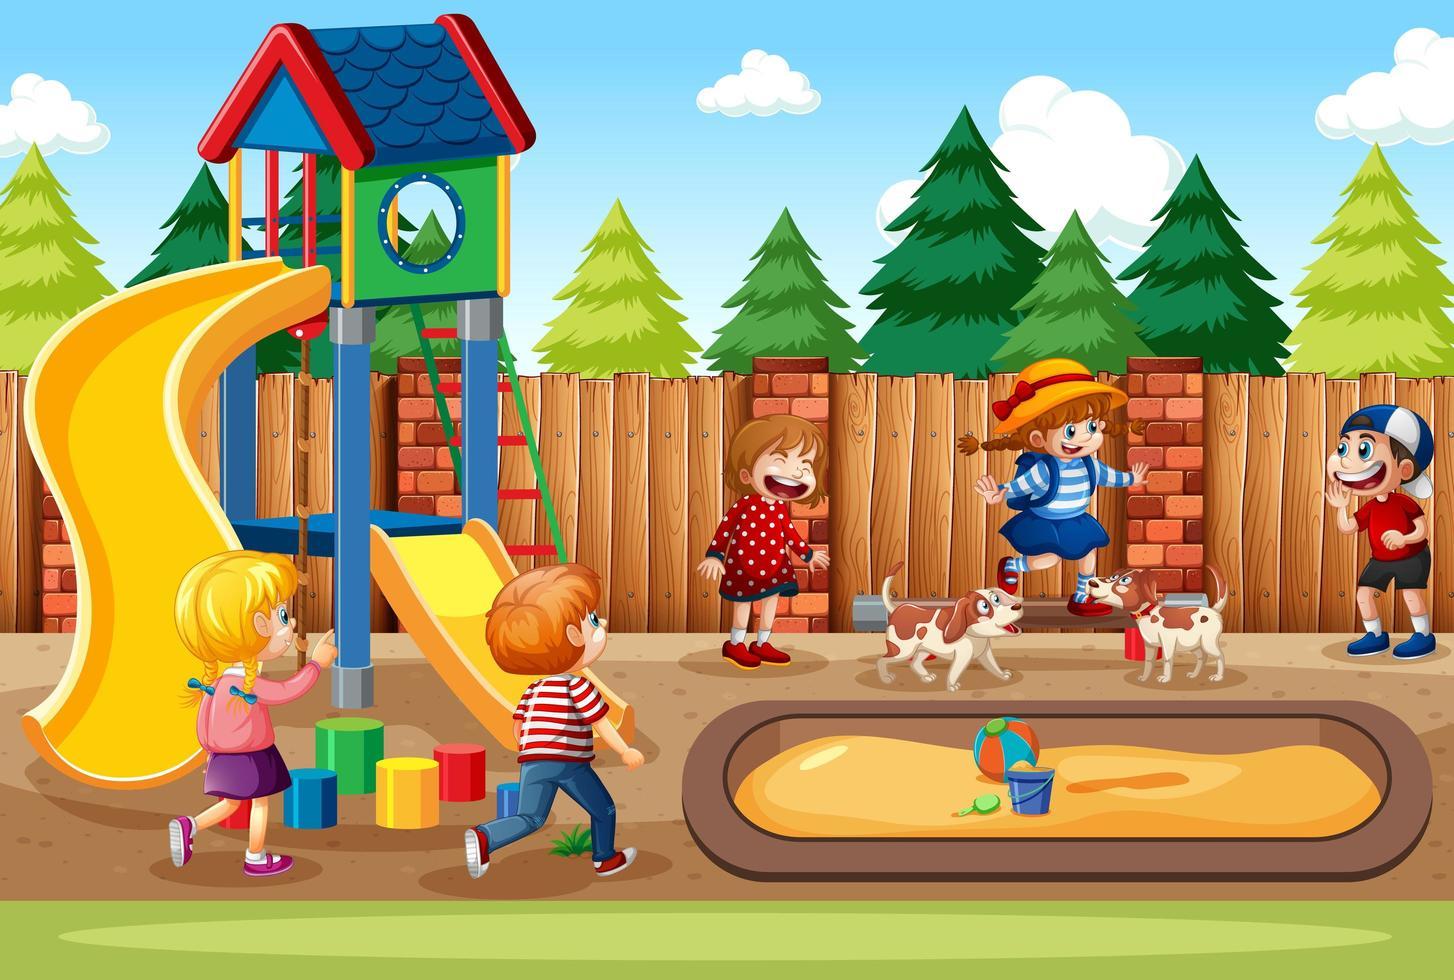 Kinder spielen in der Spielplatzszene vektor